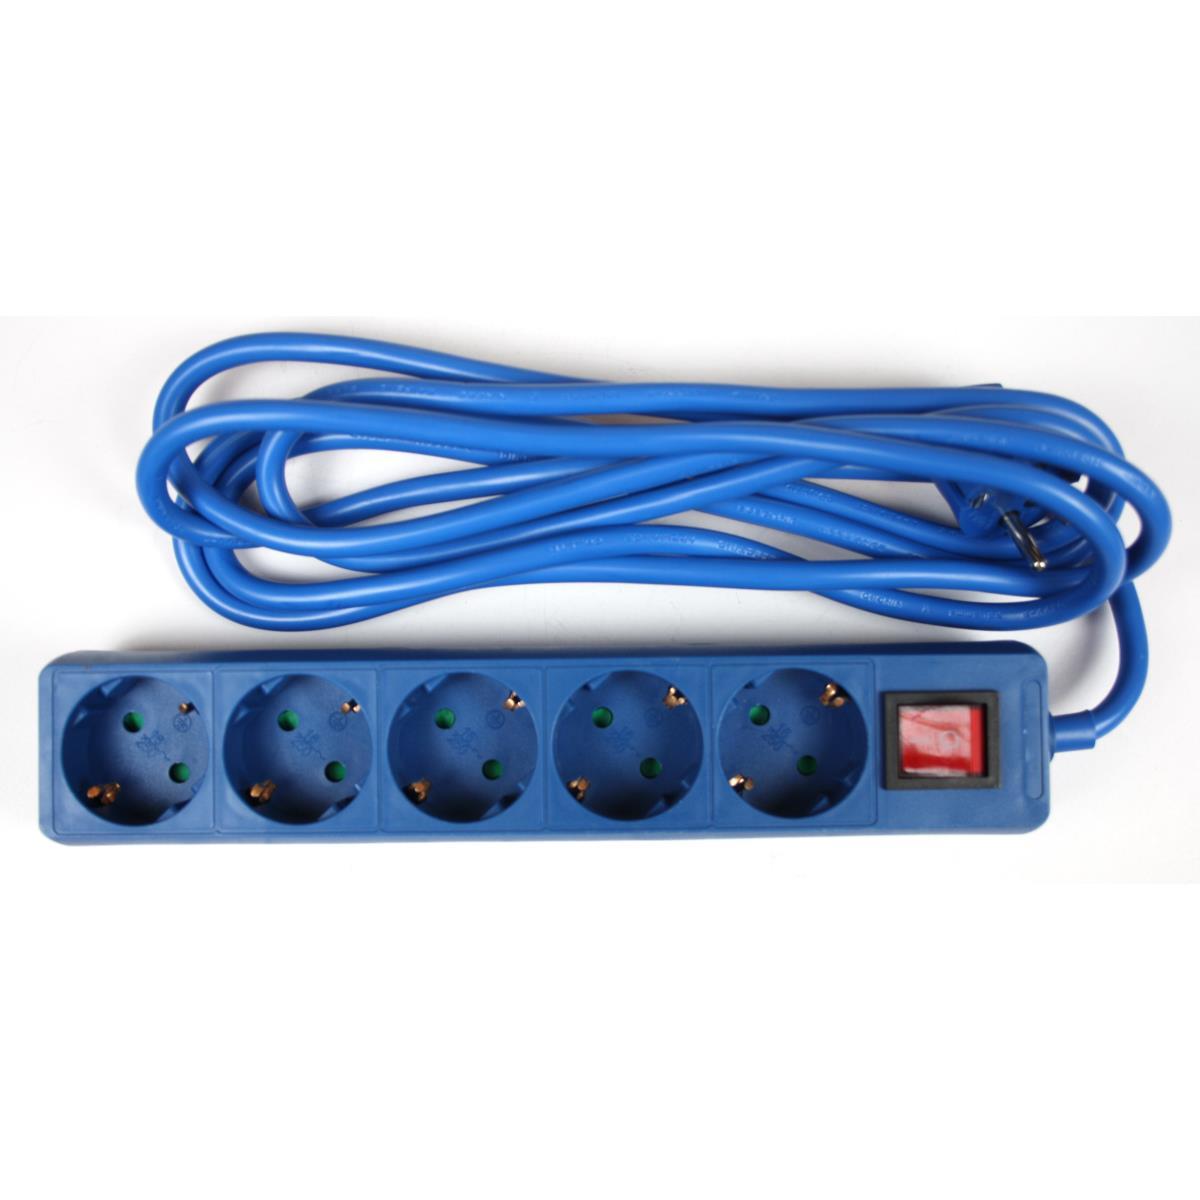 Steckdosenleiste Steckleiste 5 fach, Kinderschutz, Schutzkontakt, 3 m, blau,OKKO,DY-B05KP, 4772013040941